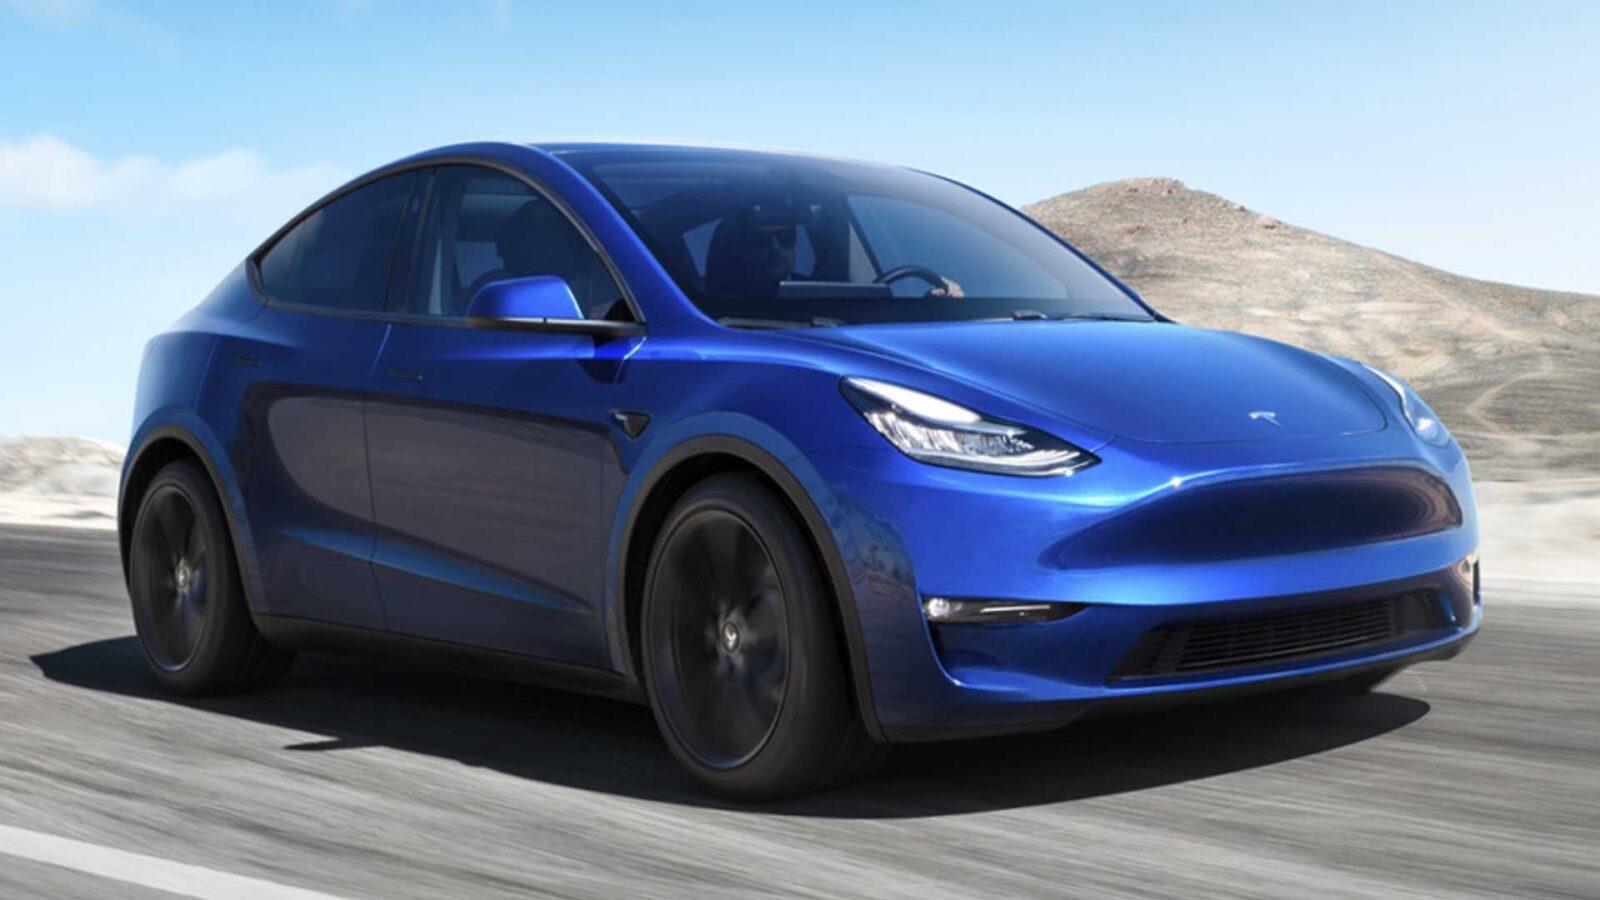 Tesla перестала продавать свой самый дешёвый электромобиль всего через месяц после его релиза